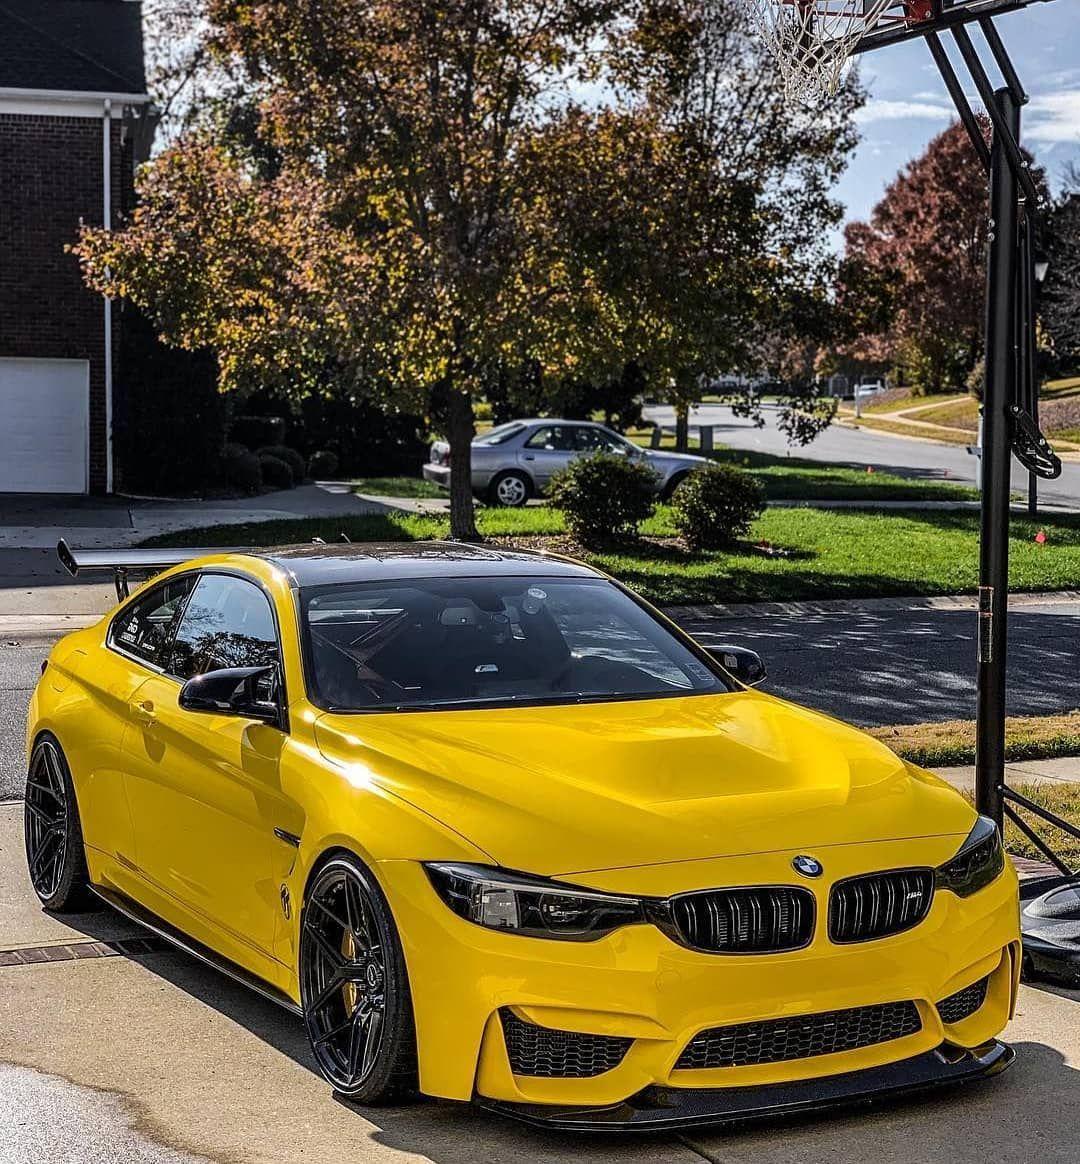 BMW F82 M4 GTS R6 Biturbo 3,0liter 500hp 600nm 1510kg RWD